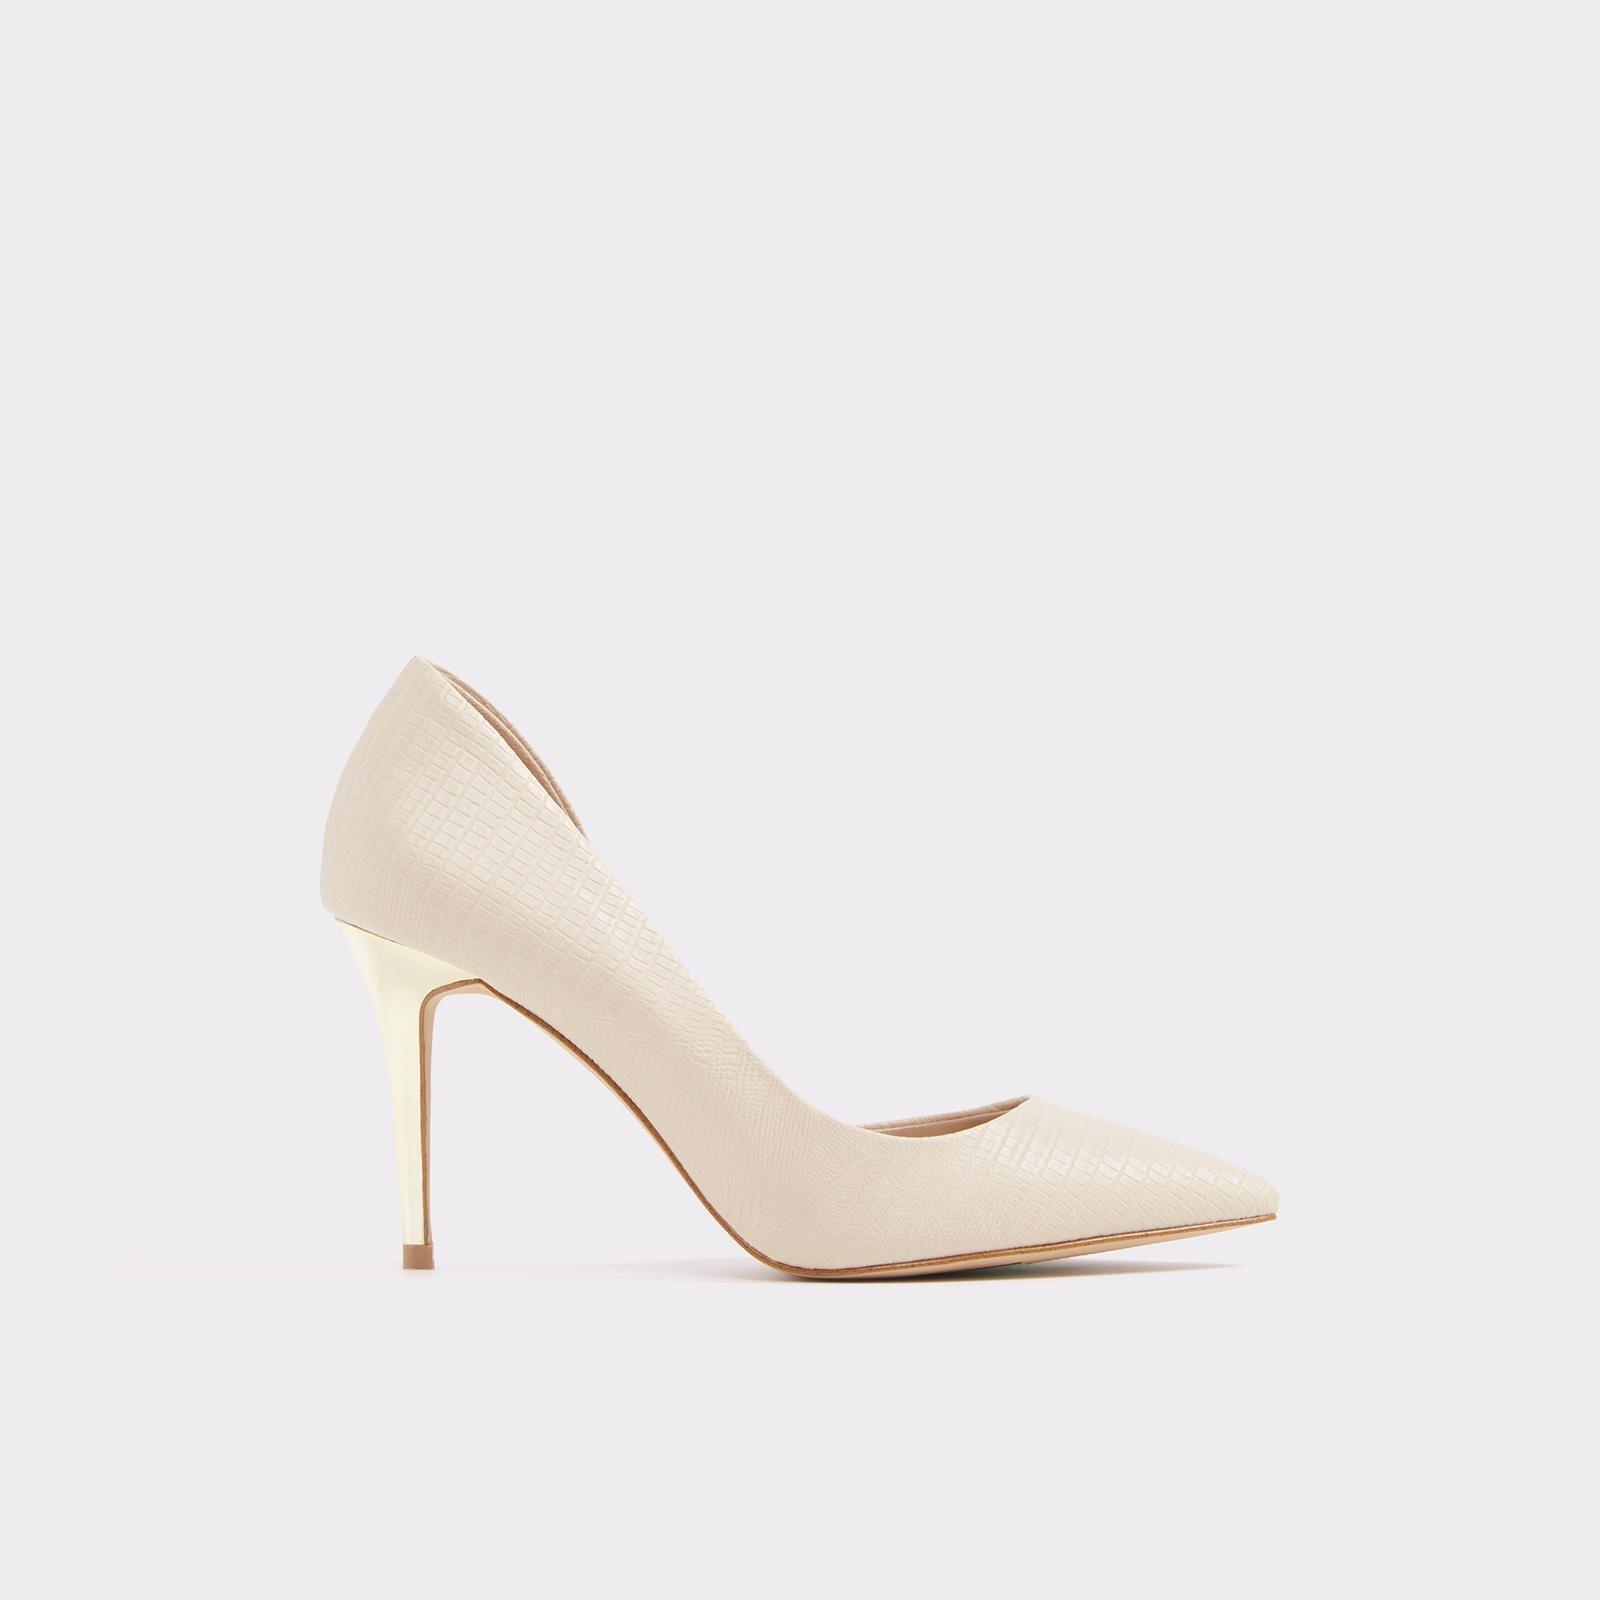 Acedda | Stiletto heels, Heels, Beige heels